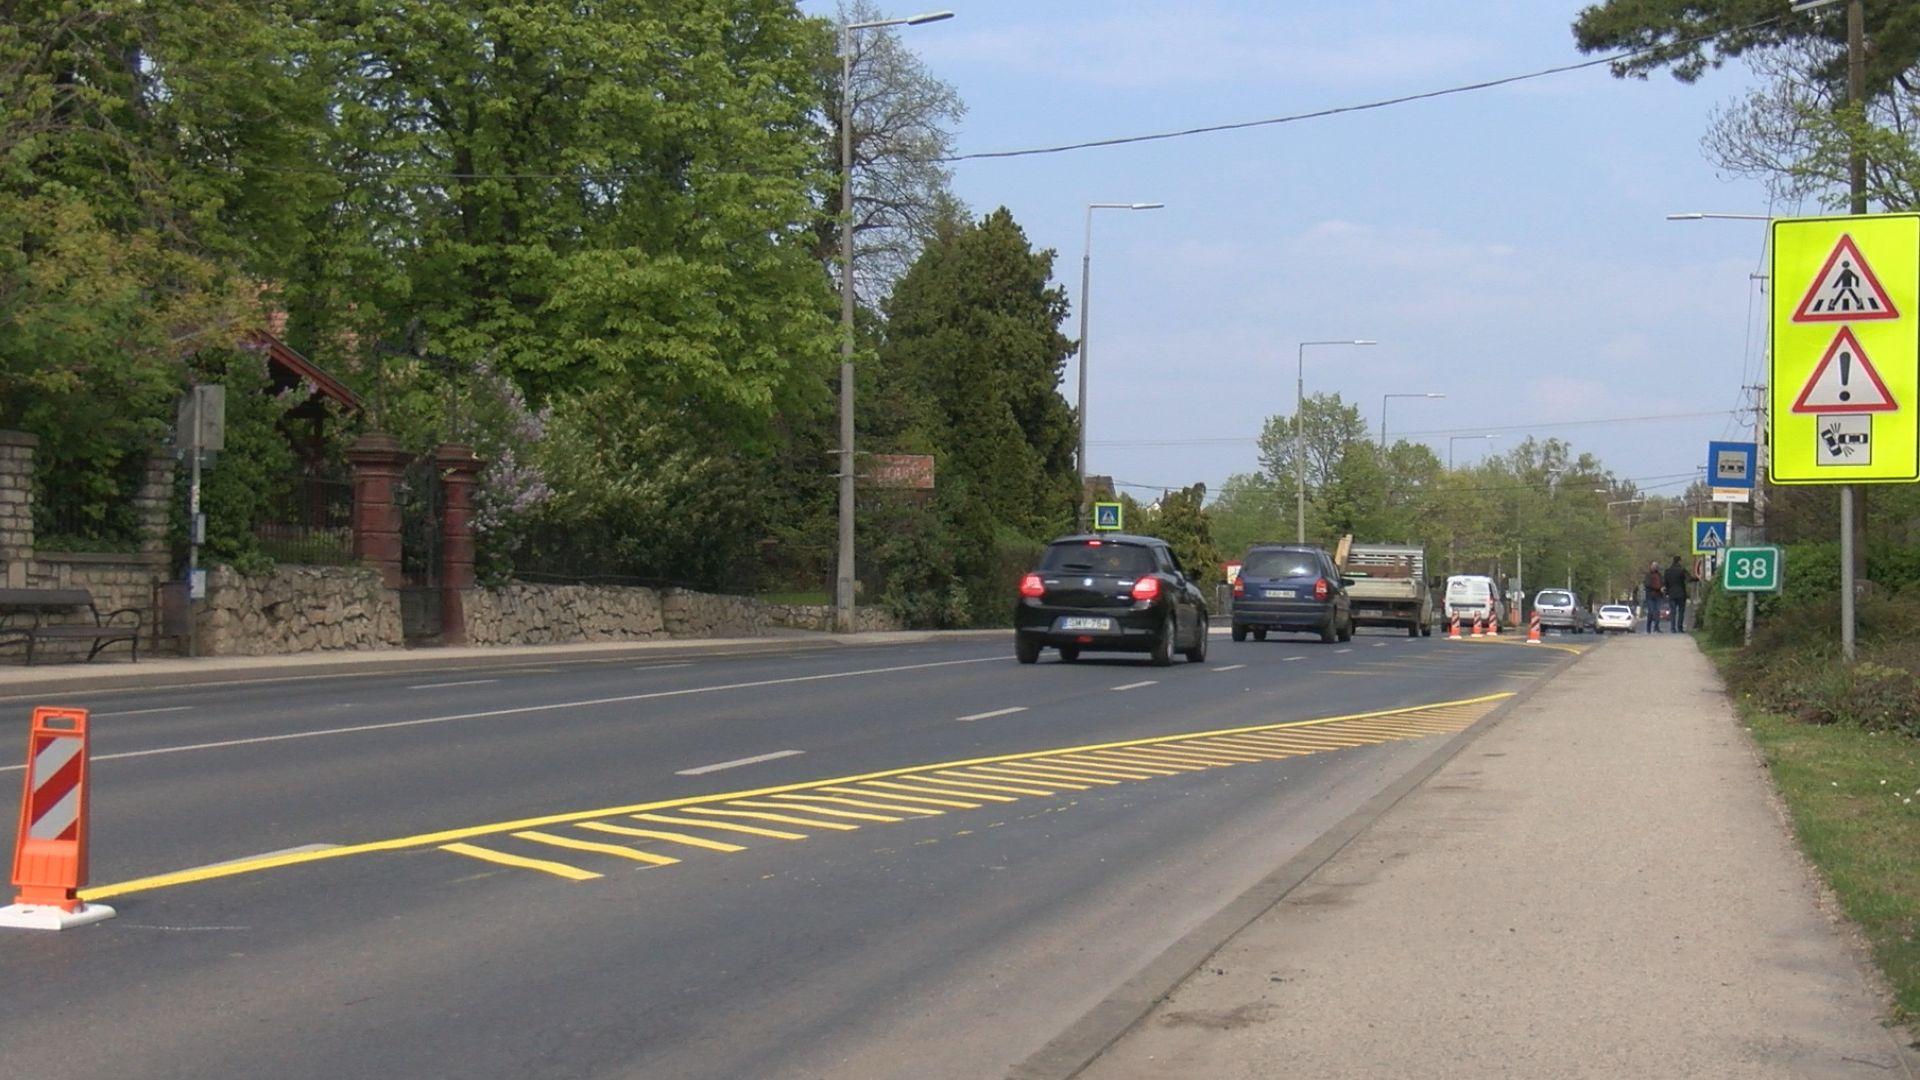 Jelentősen átalakult a 71-es főút Séta utcai kereszteződése